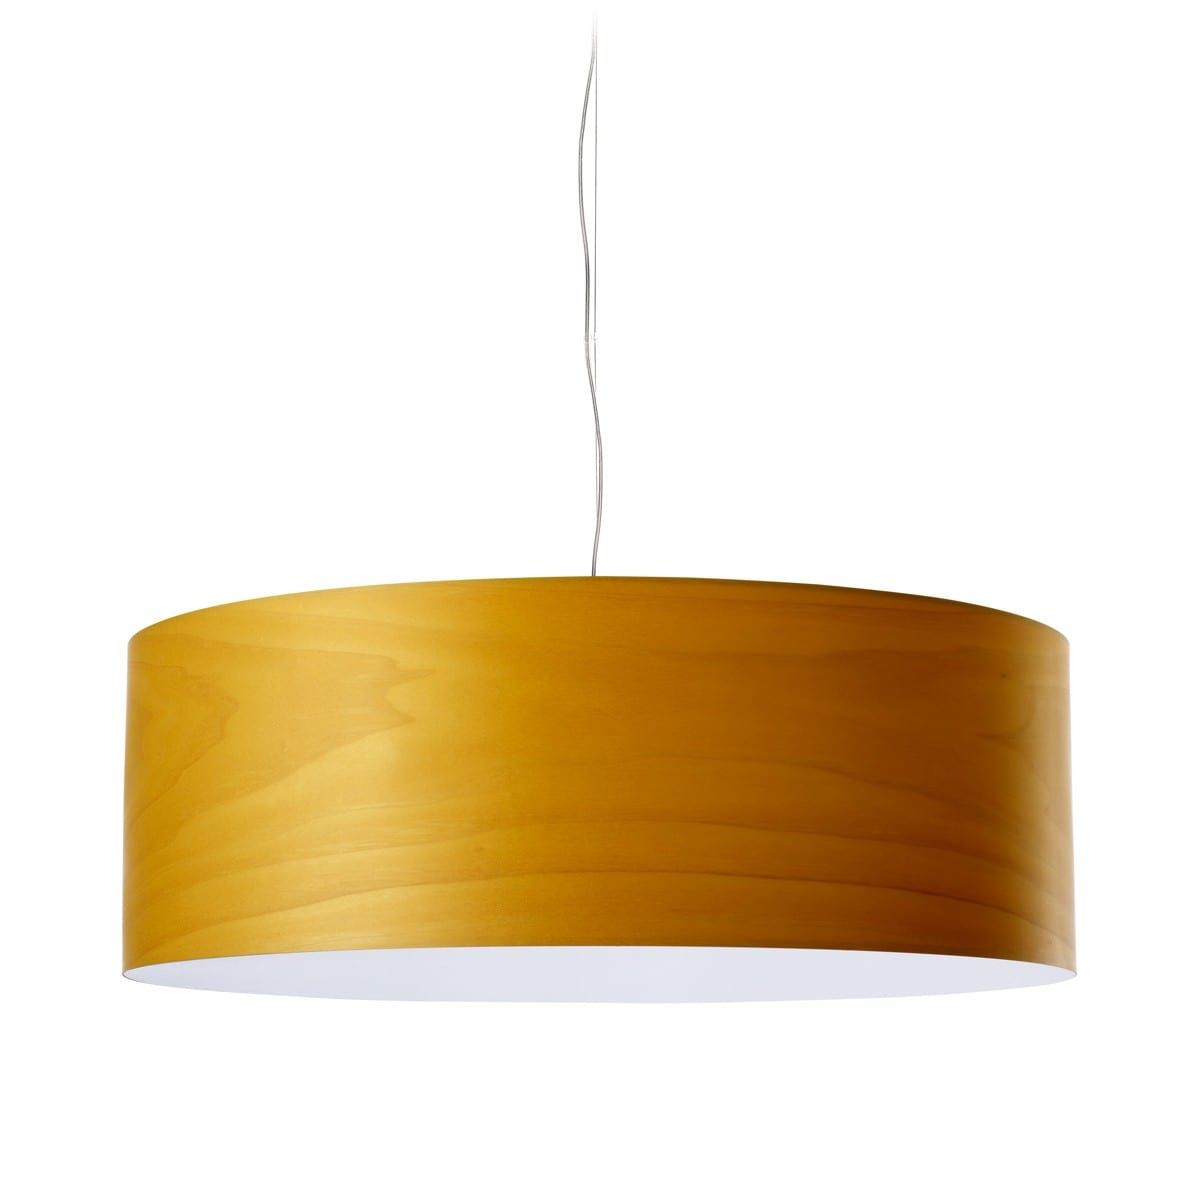 Pendelleuchten Höhenverstellbar Pendelleuchten Für Sehr Hohe Räume Pendelleuchte Holz Selber Bauen Pendelleuchte C Pendelleuchte Holz Pendelleuchte Lampe